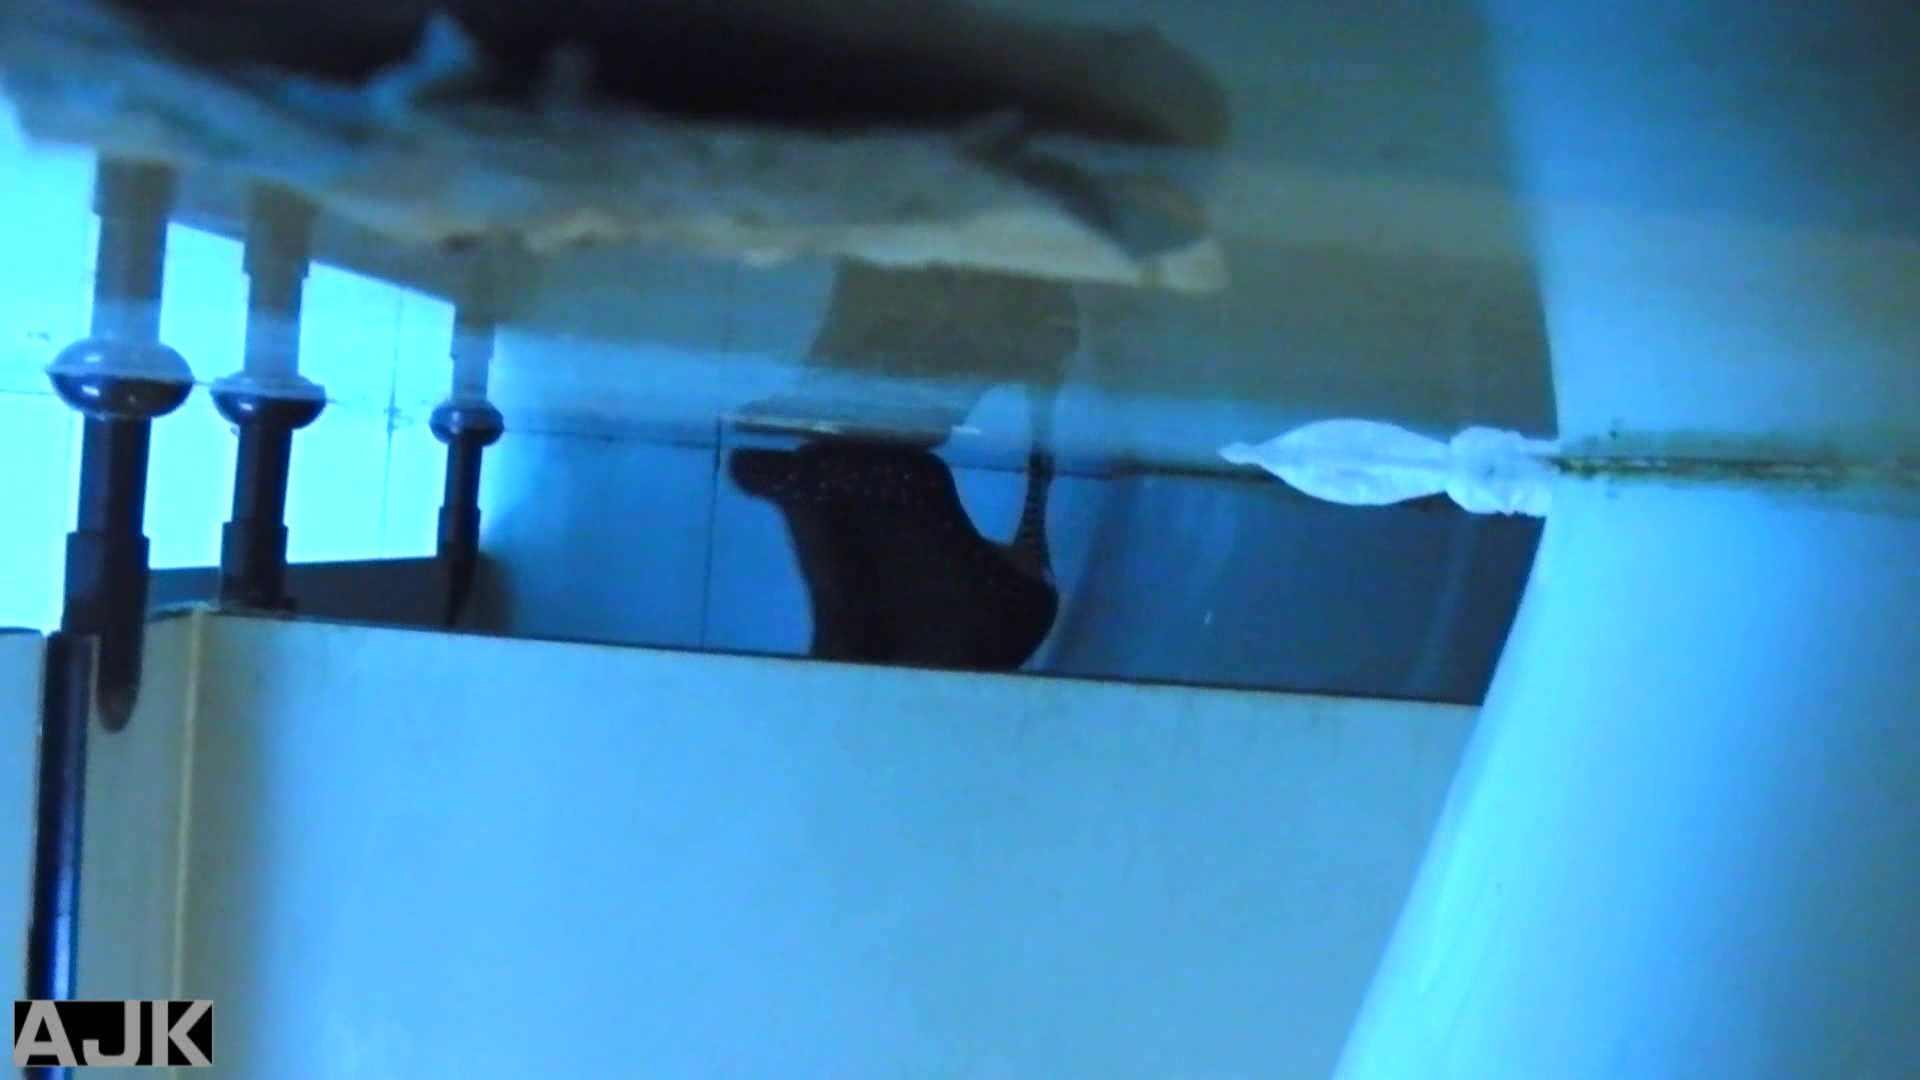 神降臨!史上最強の潜入かわや! vol.13 無修正マンコ 隠し撮りオマンコ動画紹介 91連発 80